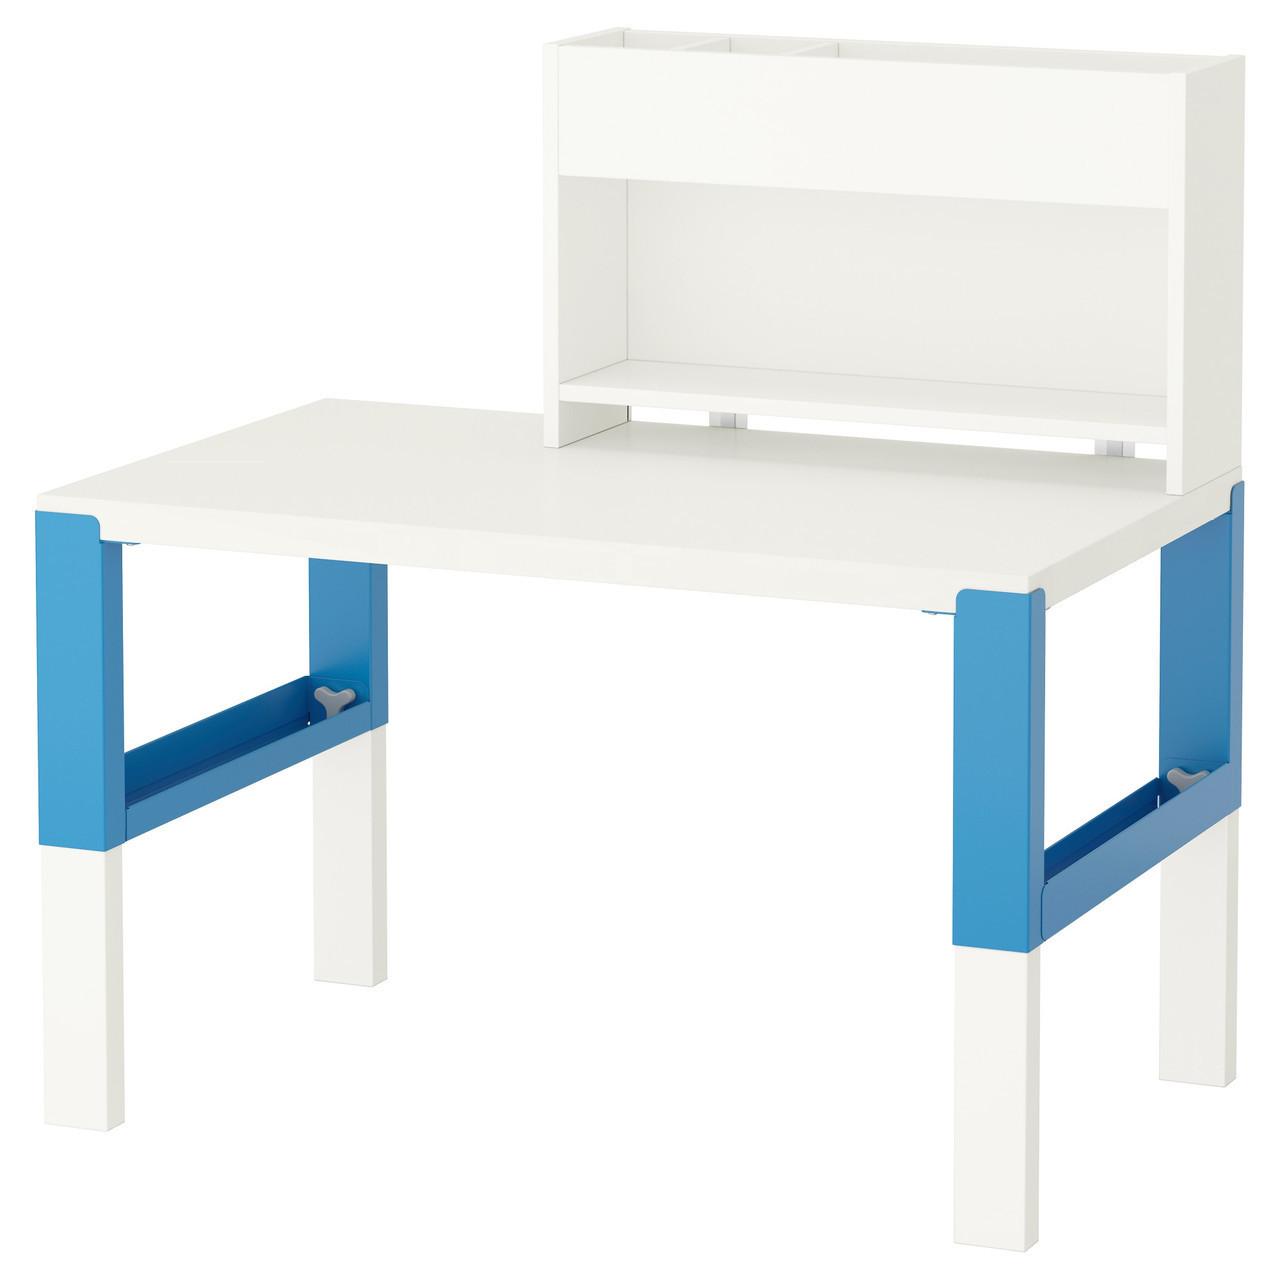 PÅHL Стол с дополнительным модулем, белый, синий 391.289.55